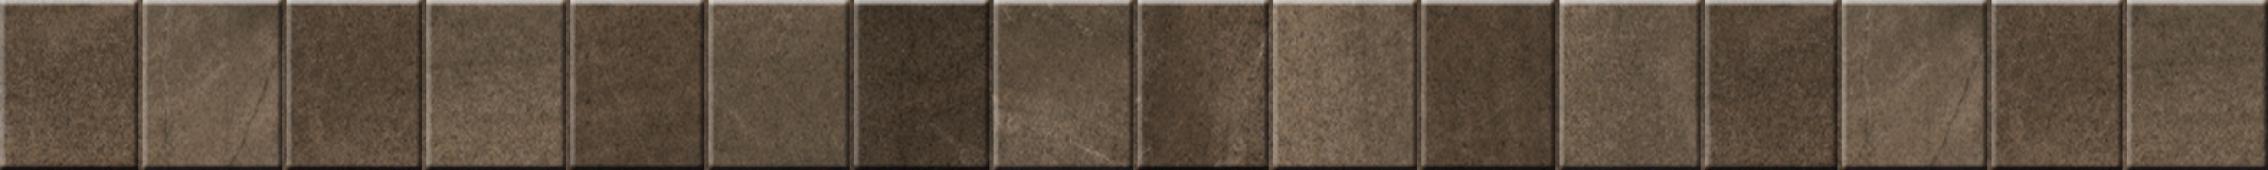 Фриз Bali коричневый 40*3